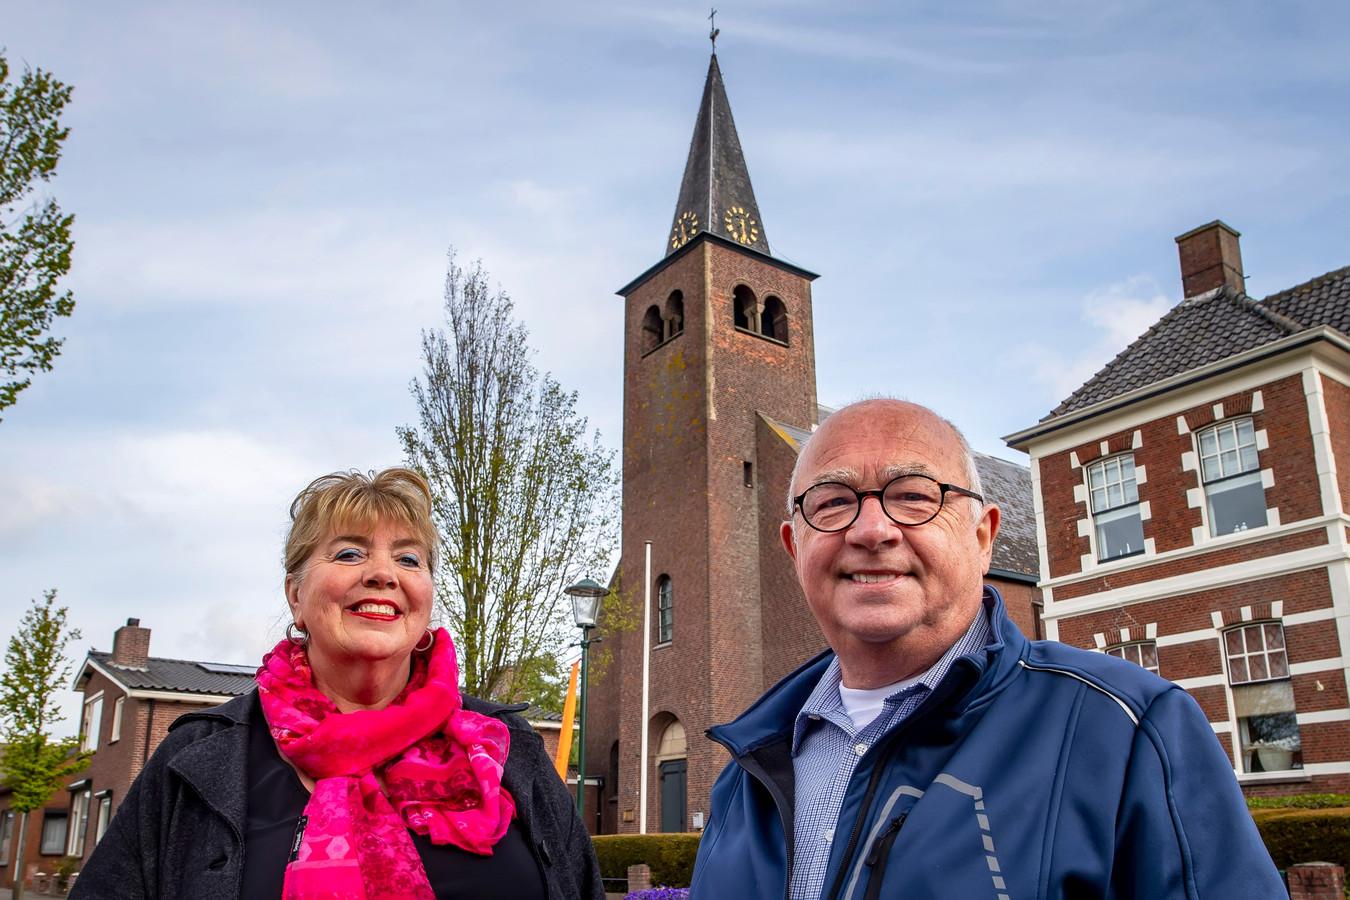 Marianne van der Pol en Louis Minnebach trokken aan de bel omdat de kerkklok in Woensdrecht stil staat op half zes en dat nog maanden kan duren. De gemeenteraad wil nu dat het college het parochiebestuur overtuigt om de klok snel te laten repareren.